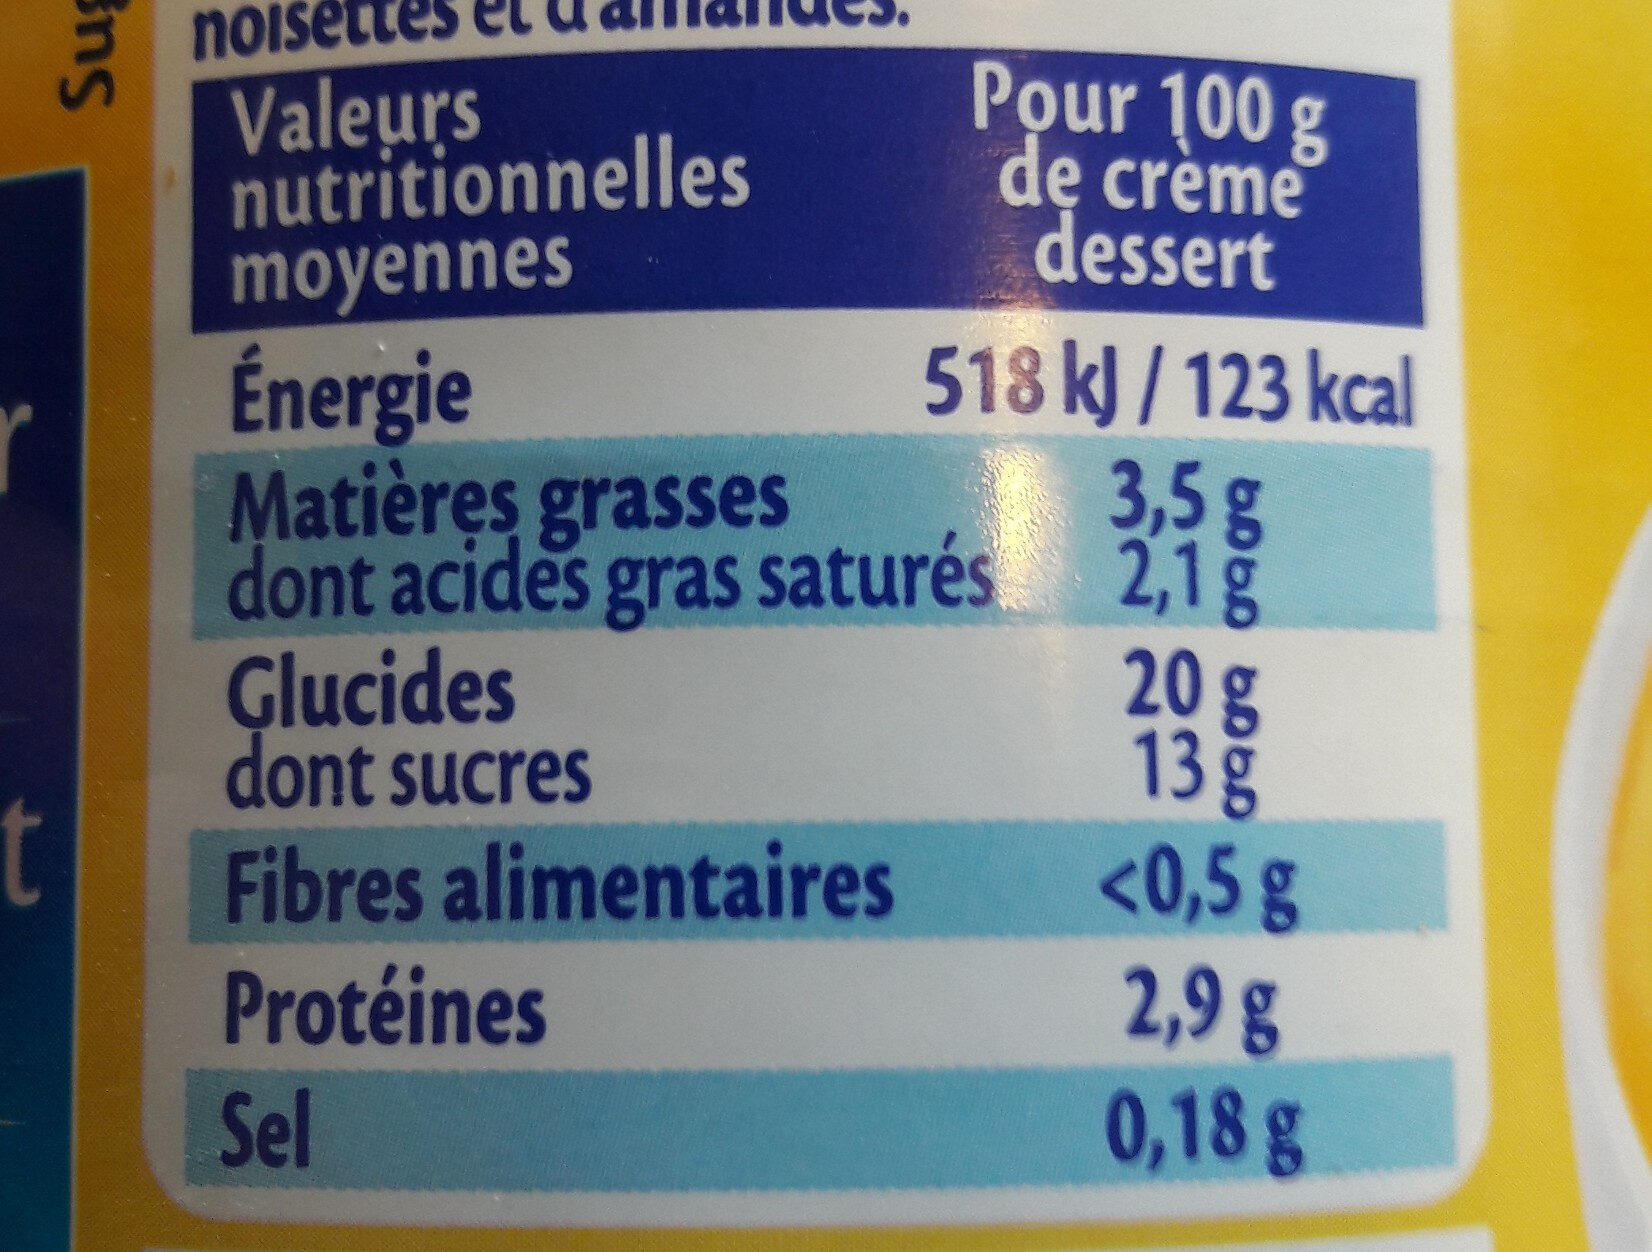 Mont-blanc saveur vanille - Nutrition facts